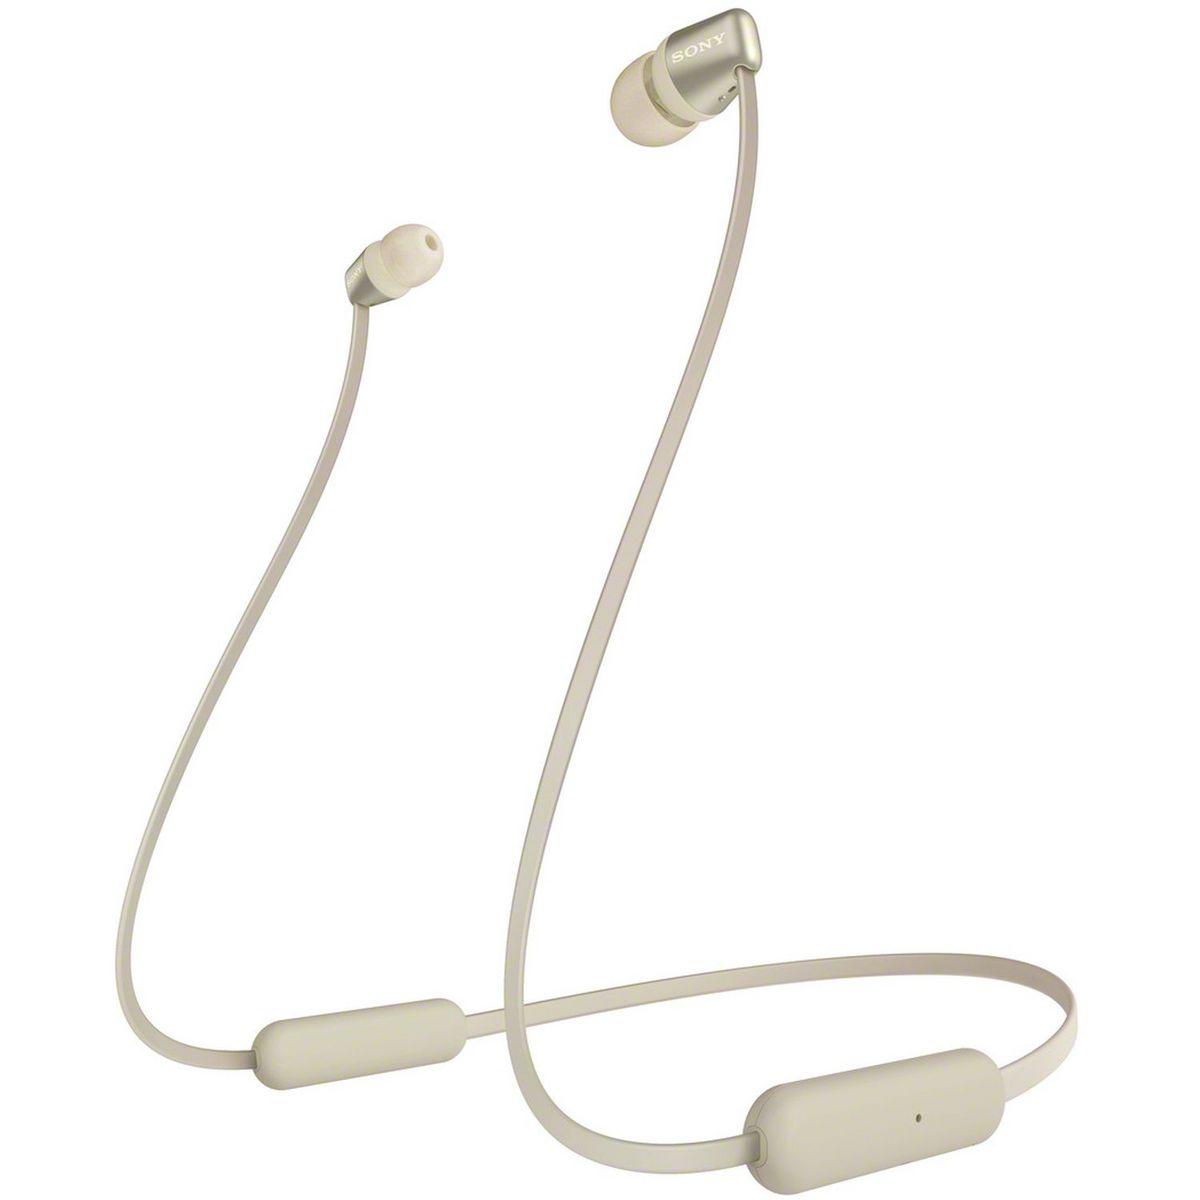 Écouteurs sans fil Bluetooth - WIC310N - Or